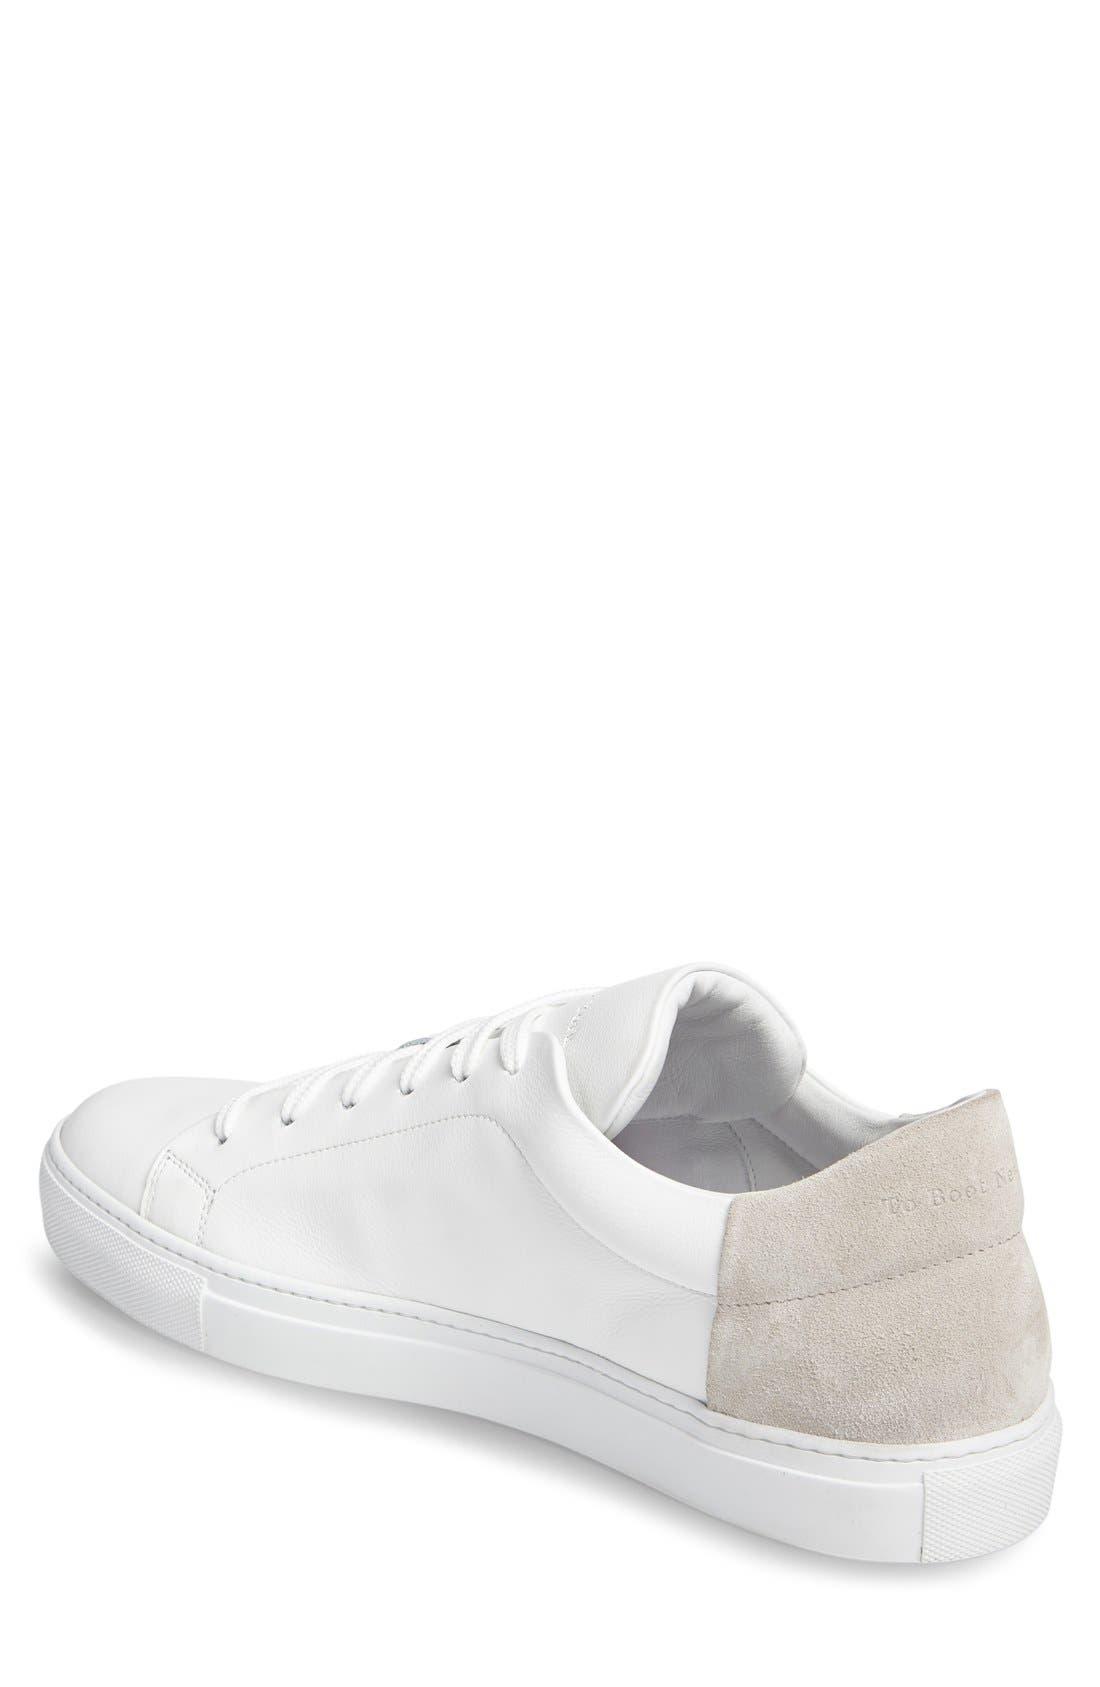 Alternate Image 2  - To Boot New York Huston Sneaker (Men)